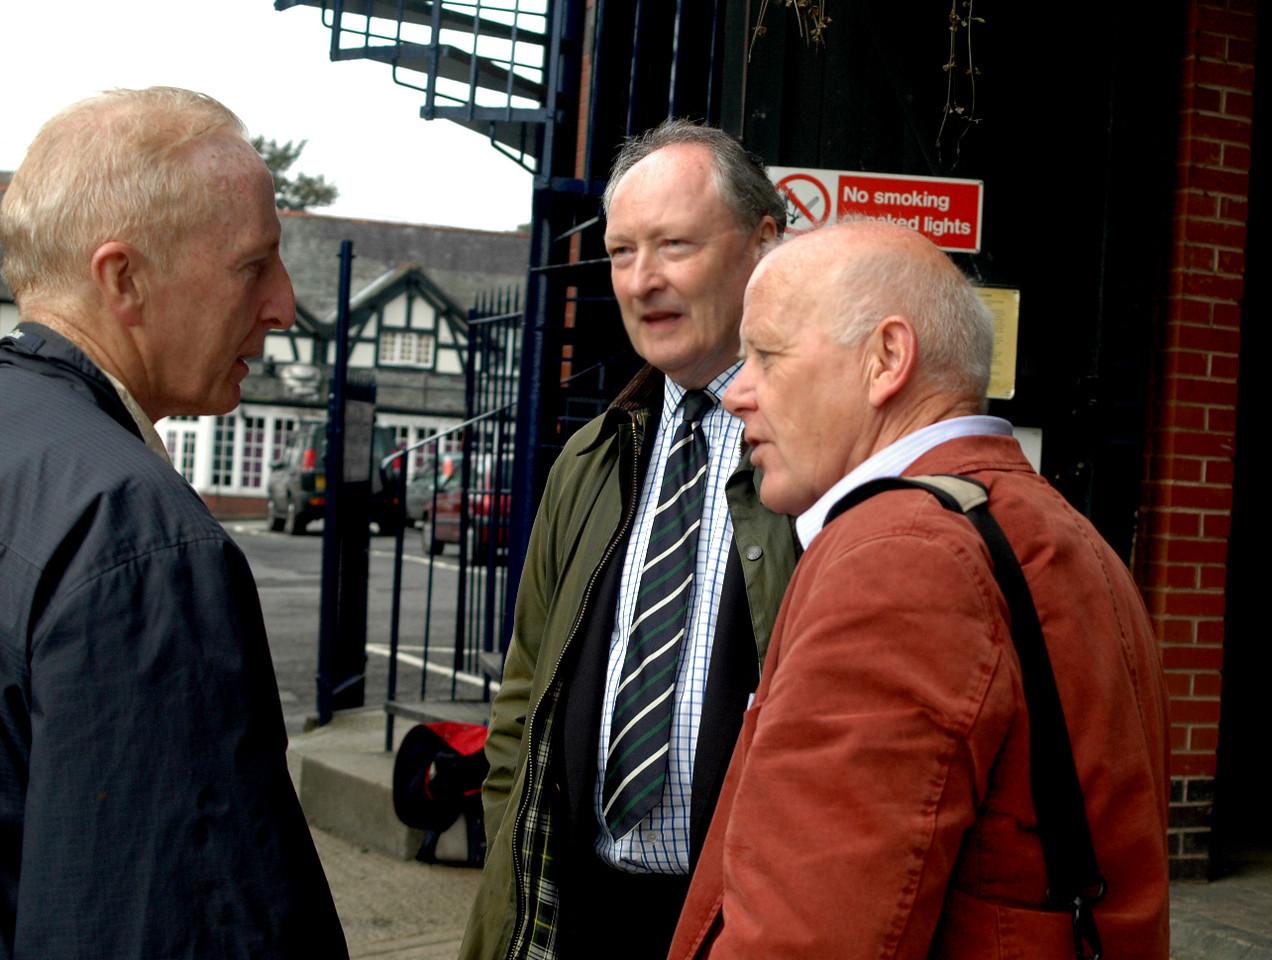 Bob Llewellin, David Roberts (coach), John Tweed